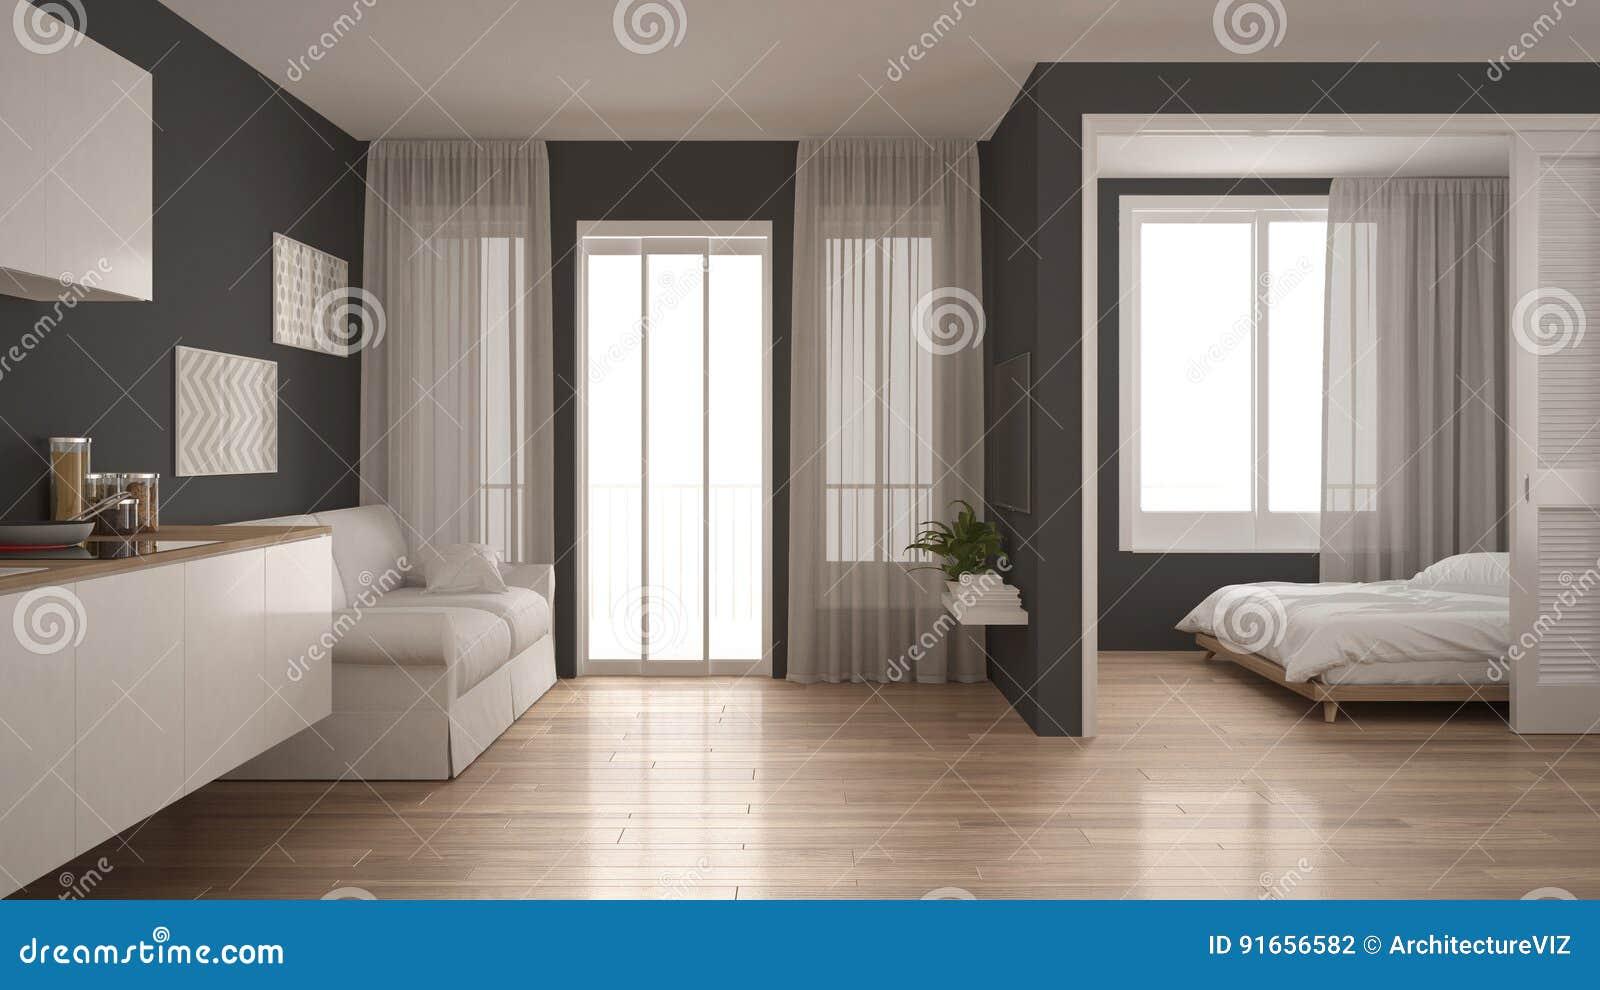 Mały Mieszkanie Z Kuchnią żywym Pokojem I Sypialnią Biel I